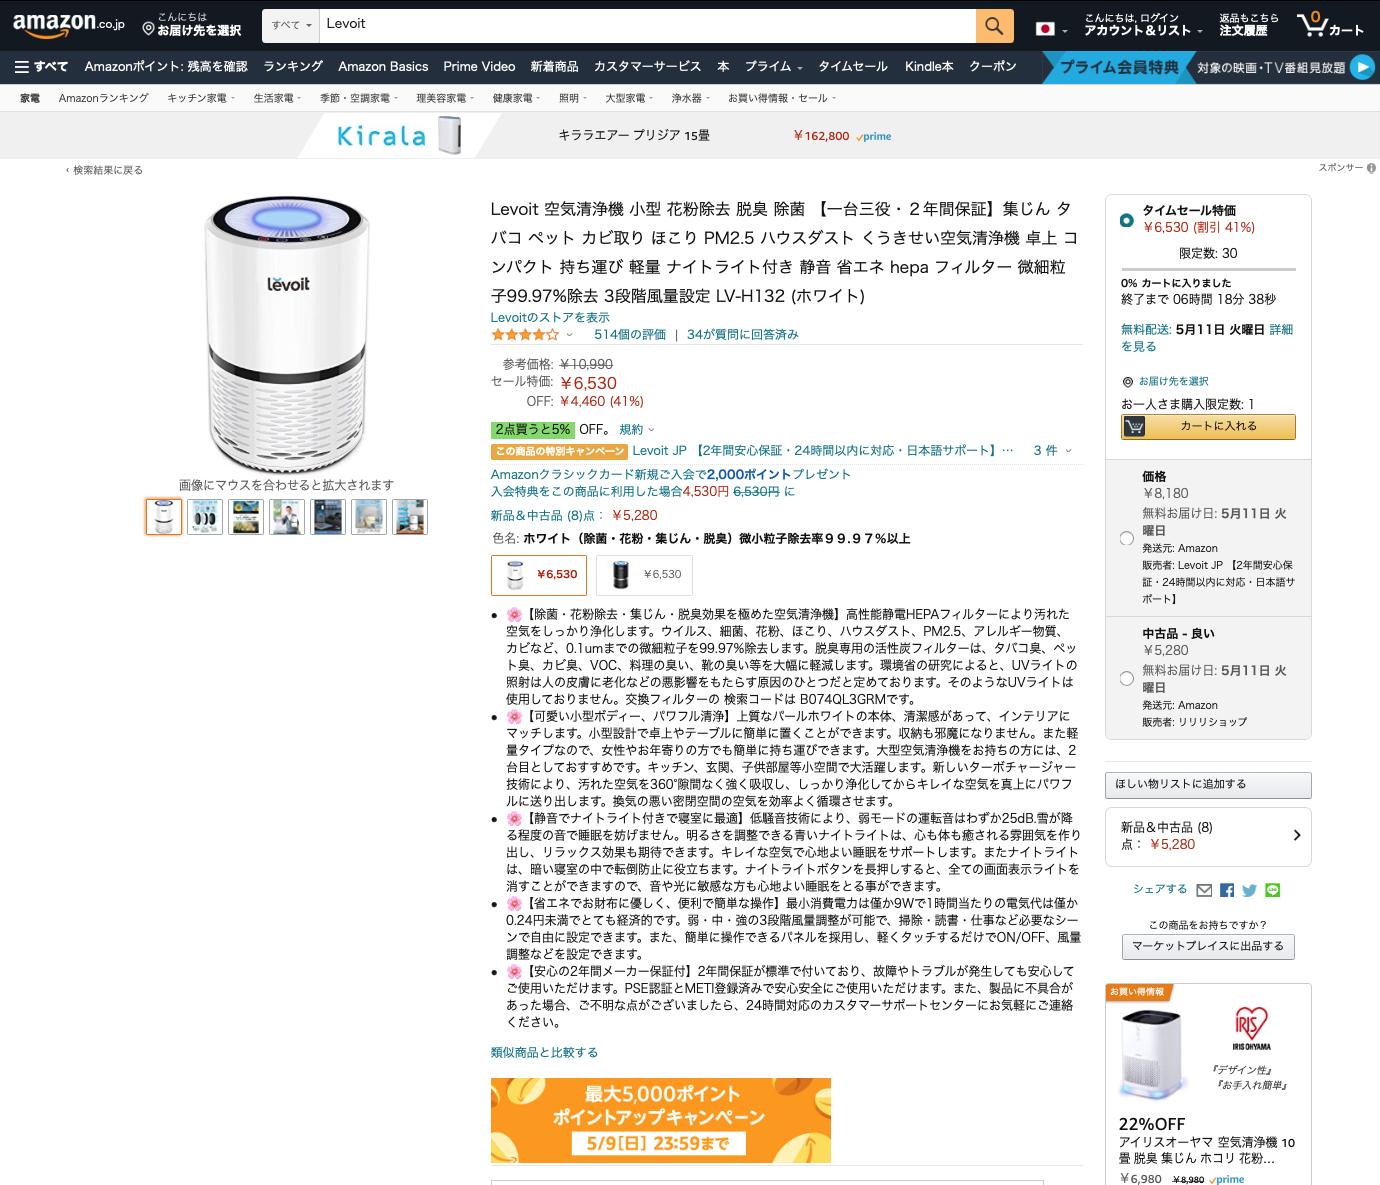 空気清浄機 Amazon商品ページ制作